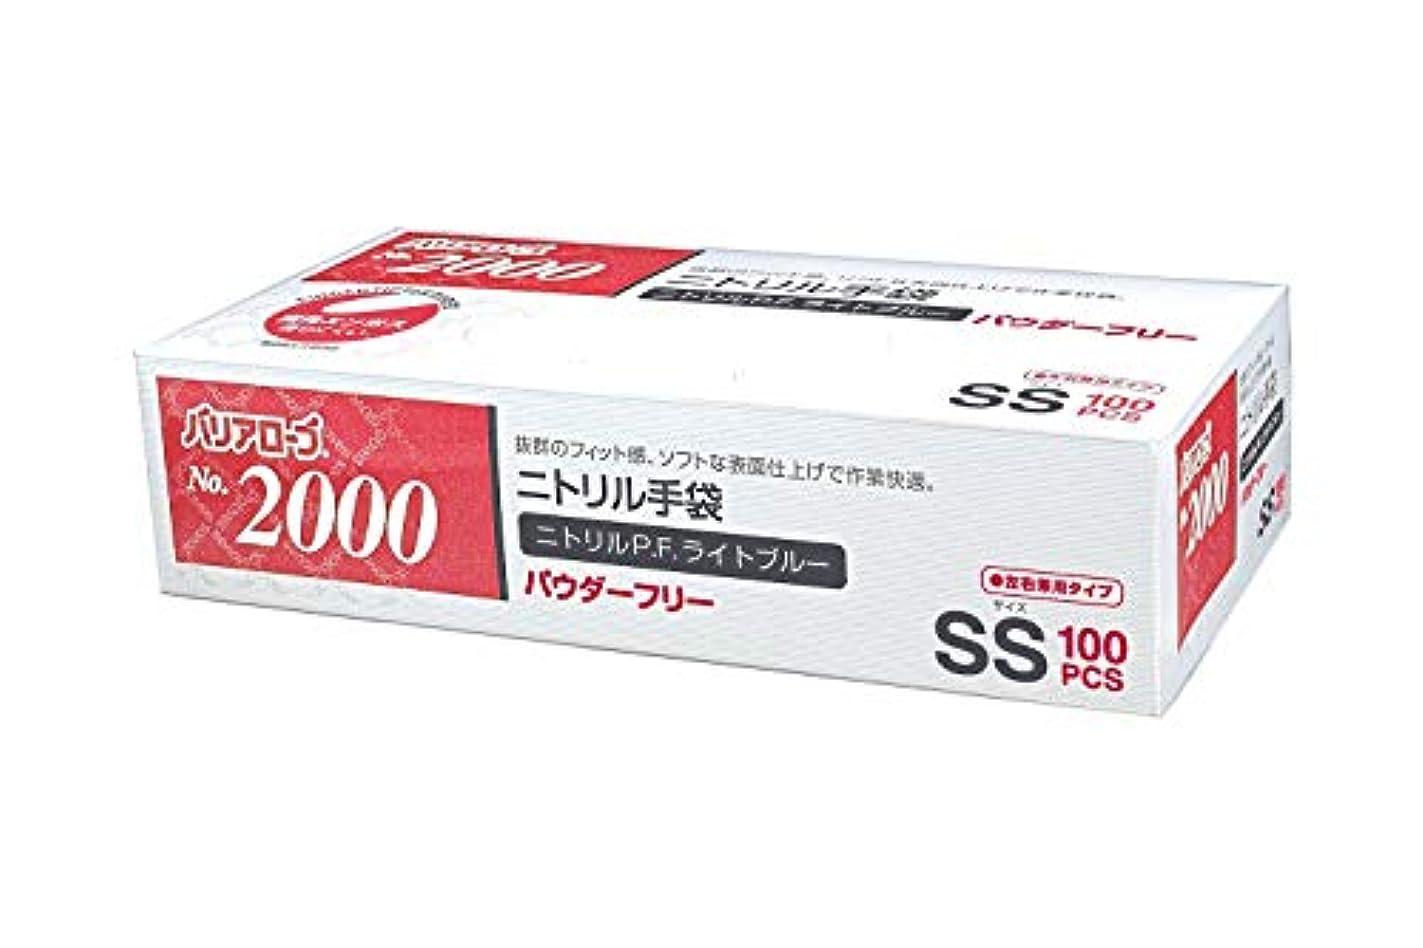 コミュニティ確率試験【ケース販売】 バリアローブ №2000 ニトリルP.F.ライト ブルー (パウダーフリー) SS 2000枚(100枚×20箱)